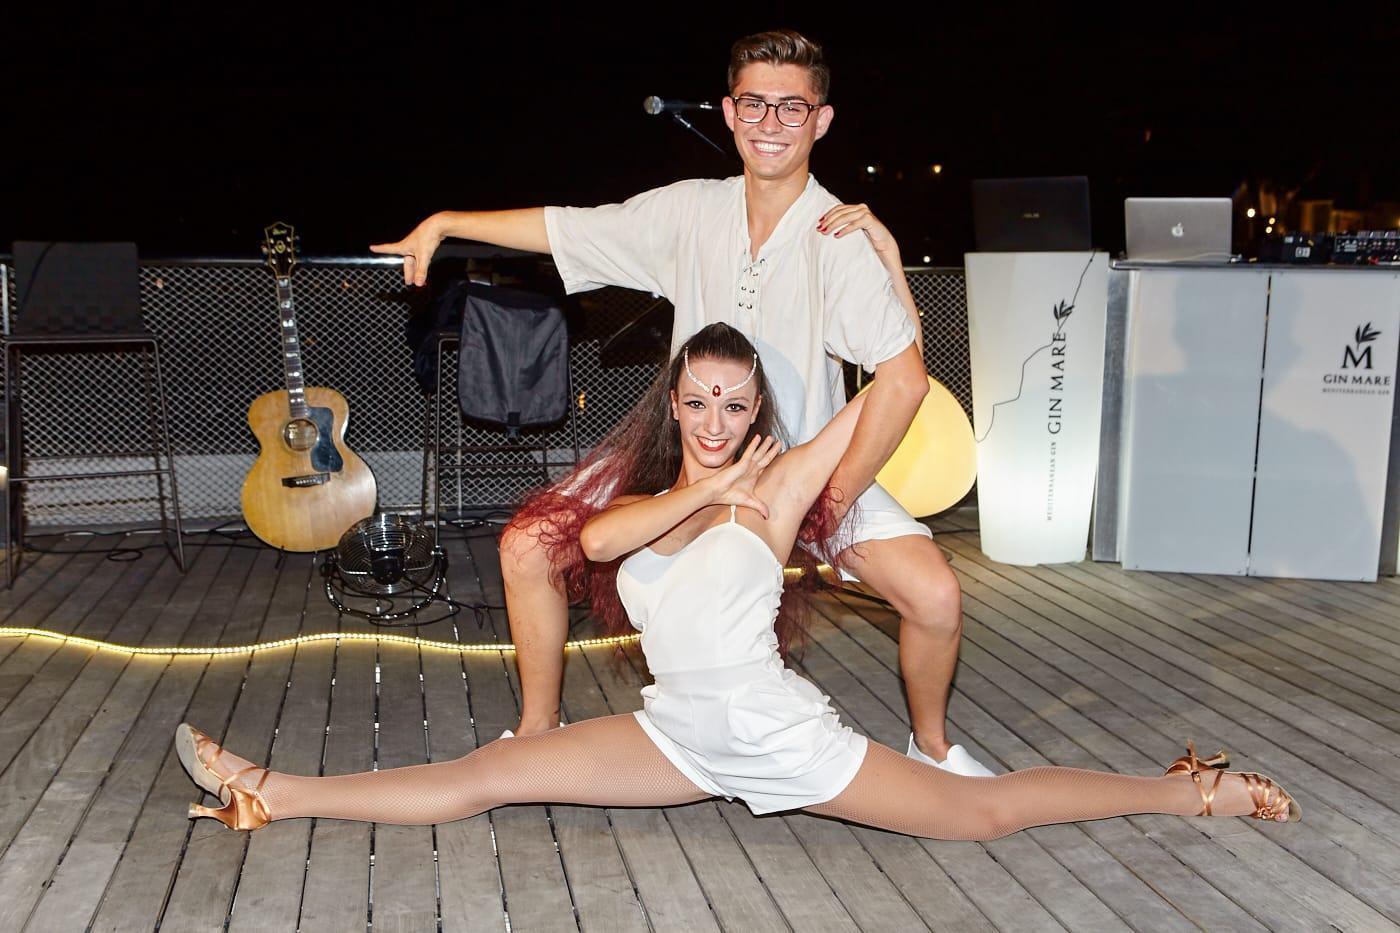 Los jóvenes bailarines demostraron sus habilidades